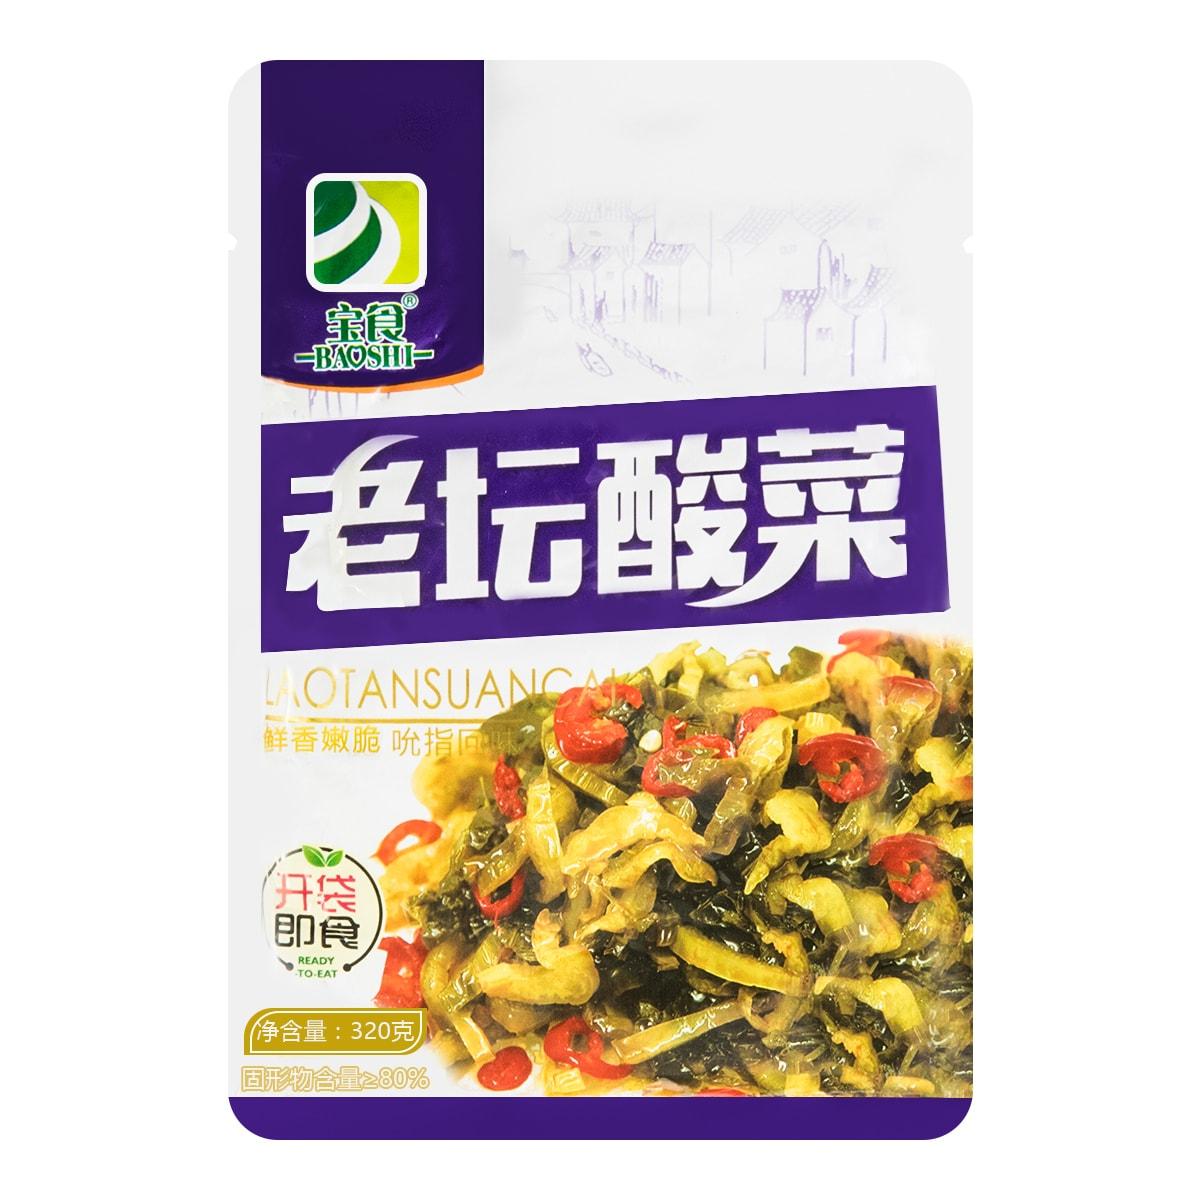 宝食 老坛酸菜 320g